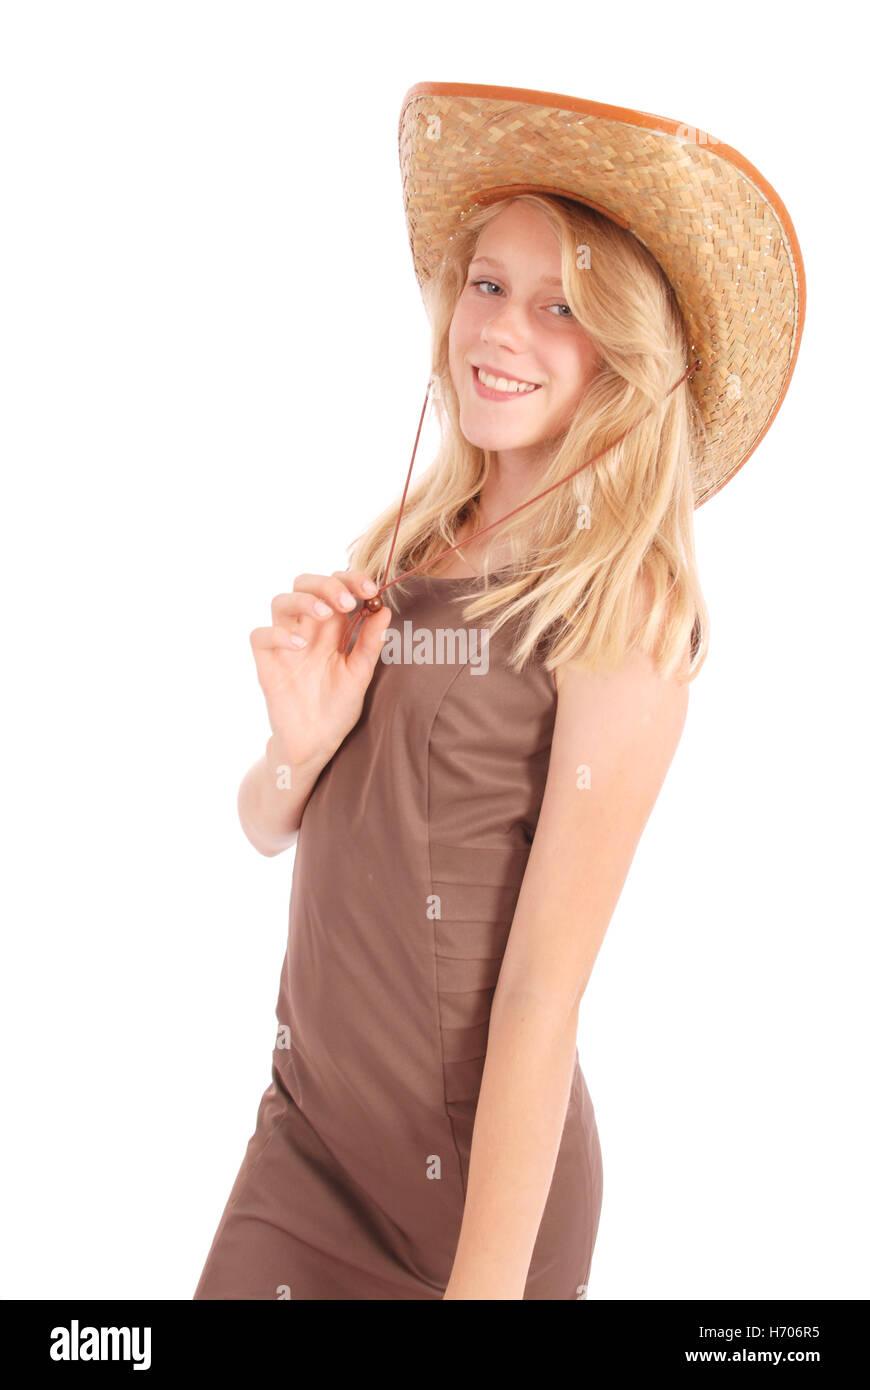 Bonitas Chicas De 13 Años Vistiendo Un Gran Sombrero De Paja